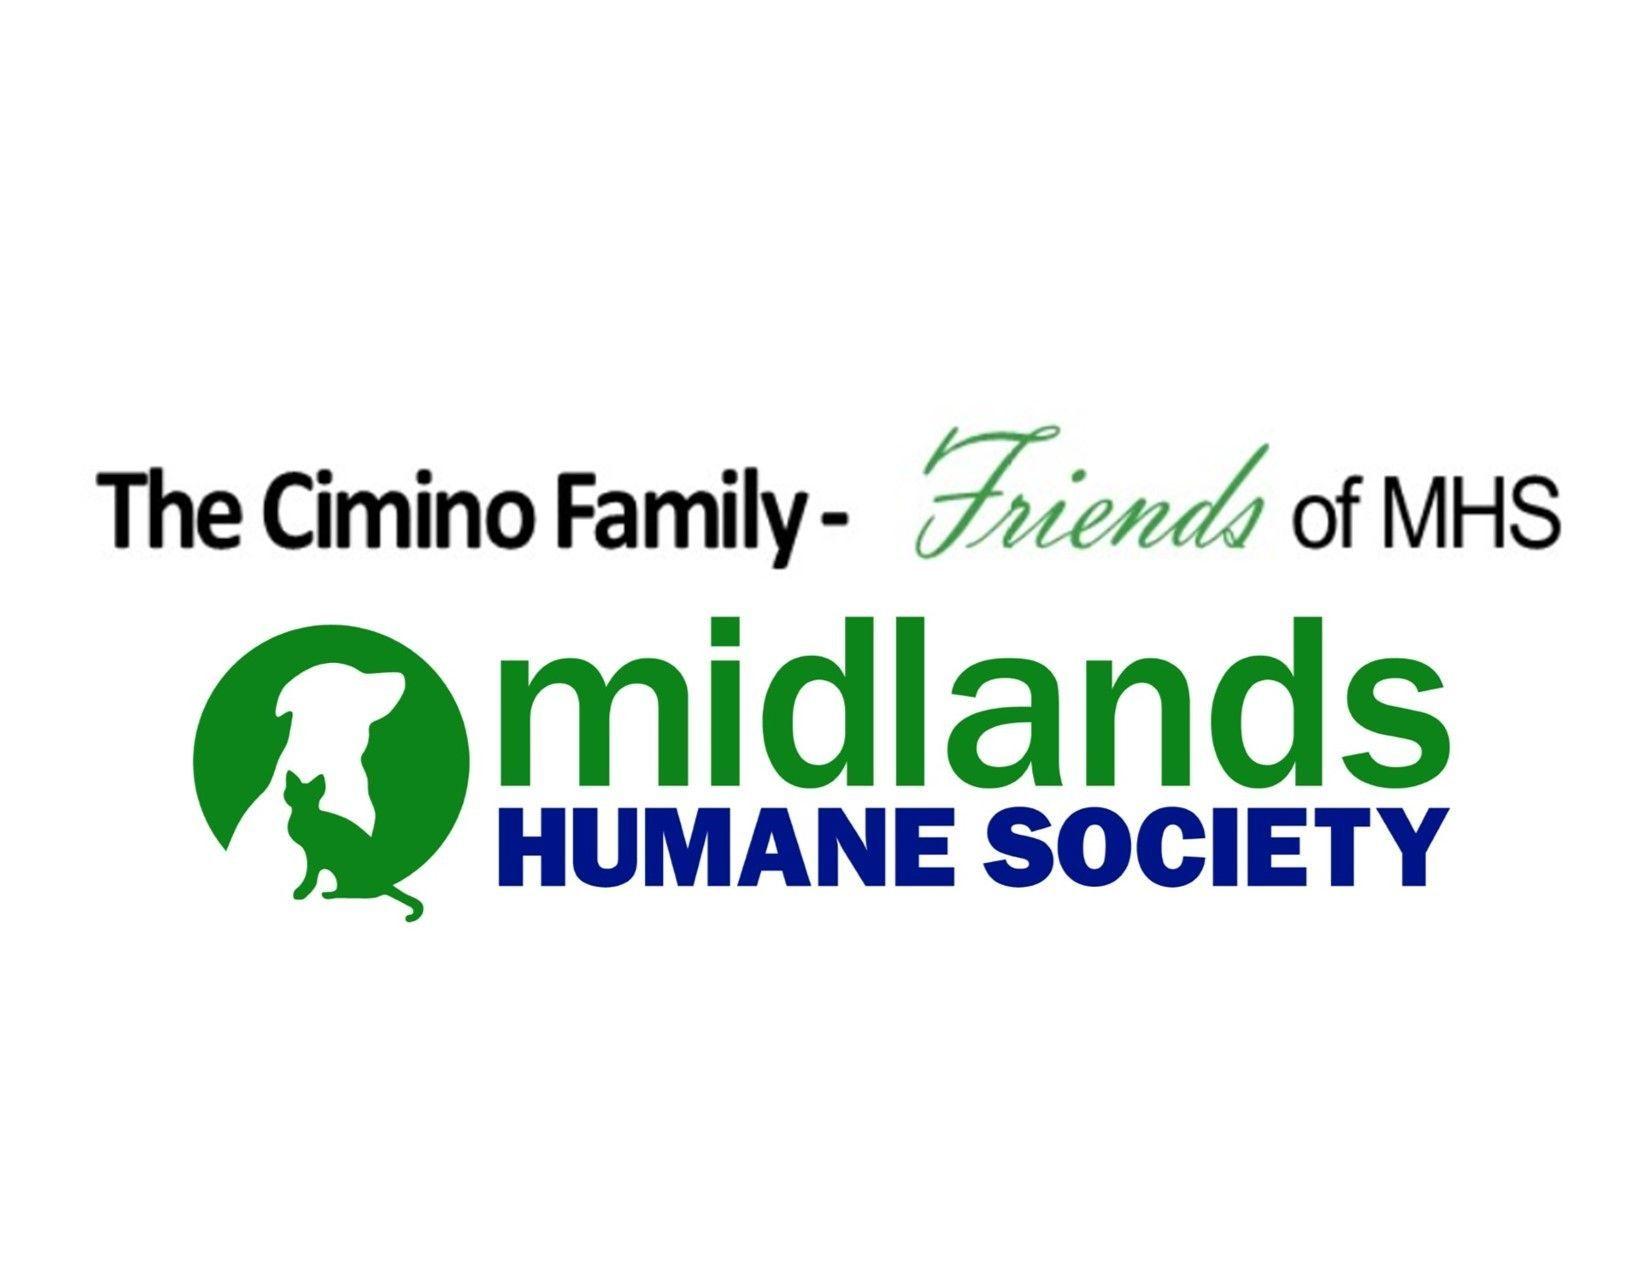 The Cimino Family